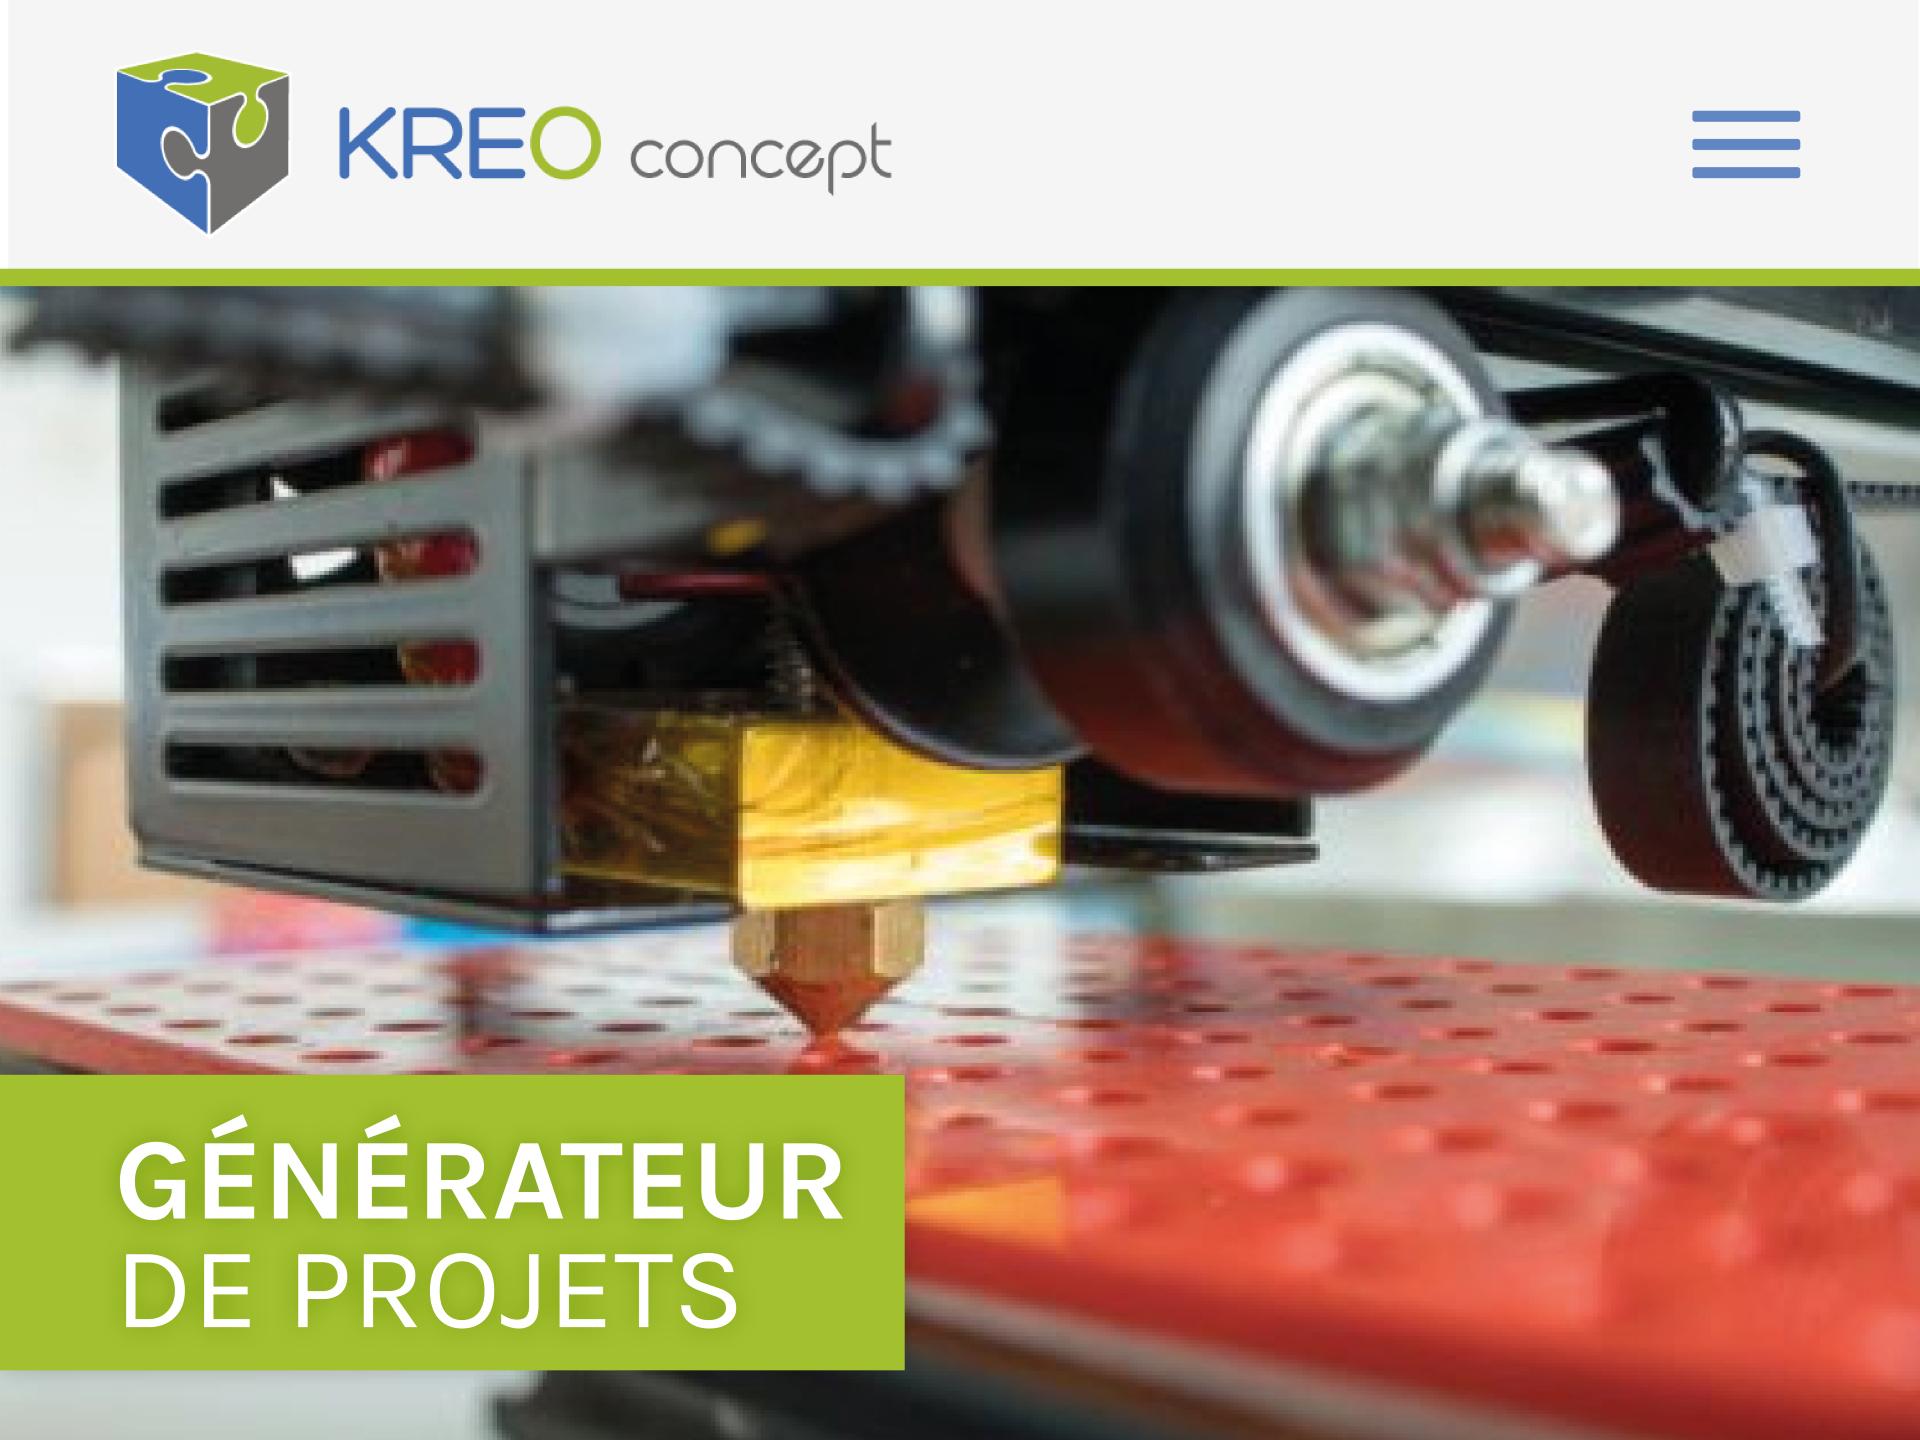 Kreoconcept-site-web Un site one-page pour l'innovation - iStudio - Agence Web 360° à Cholet